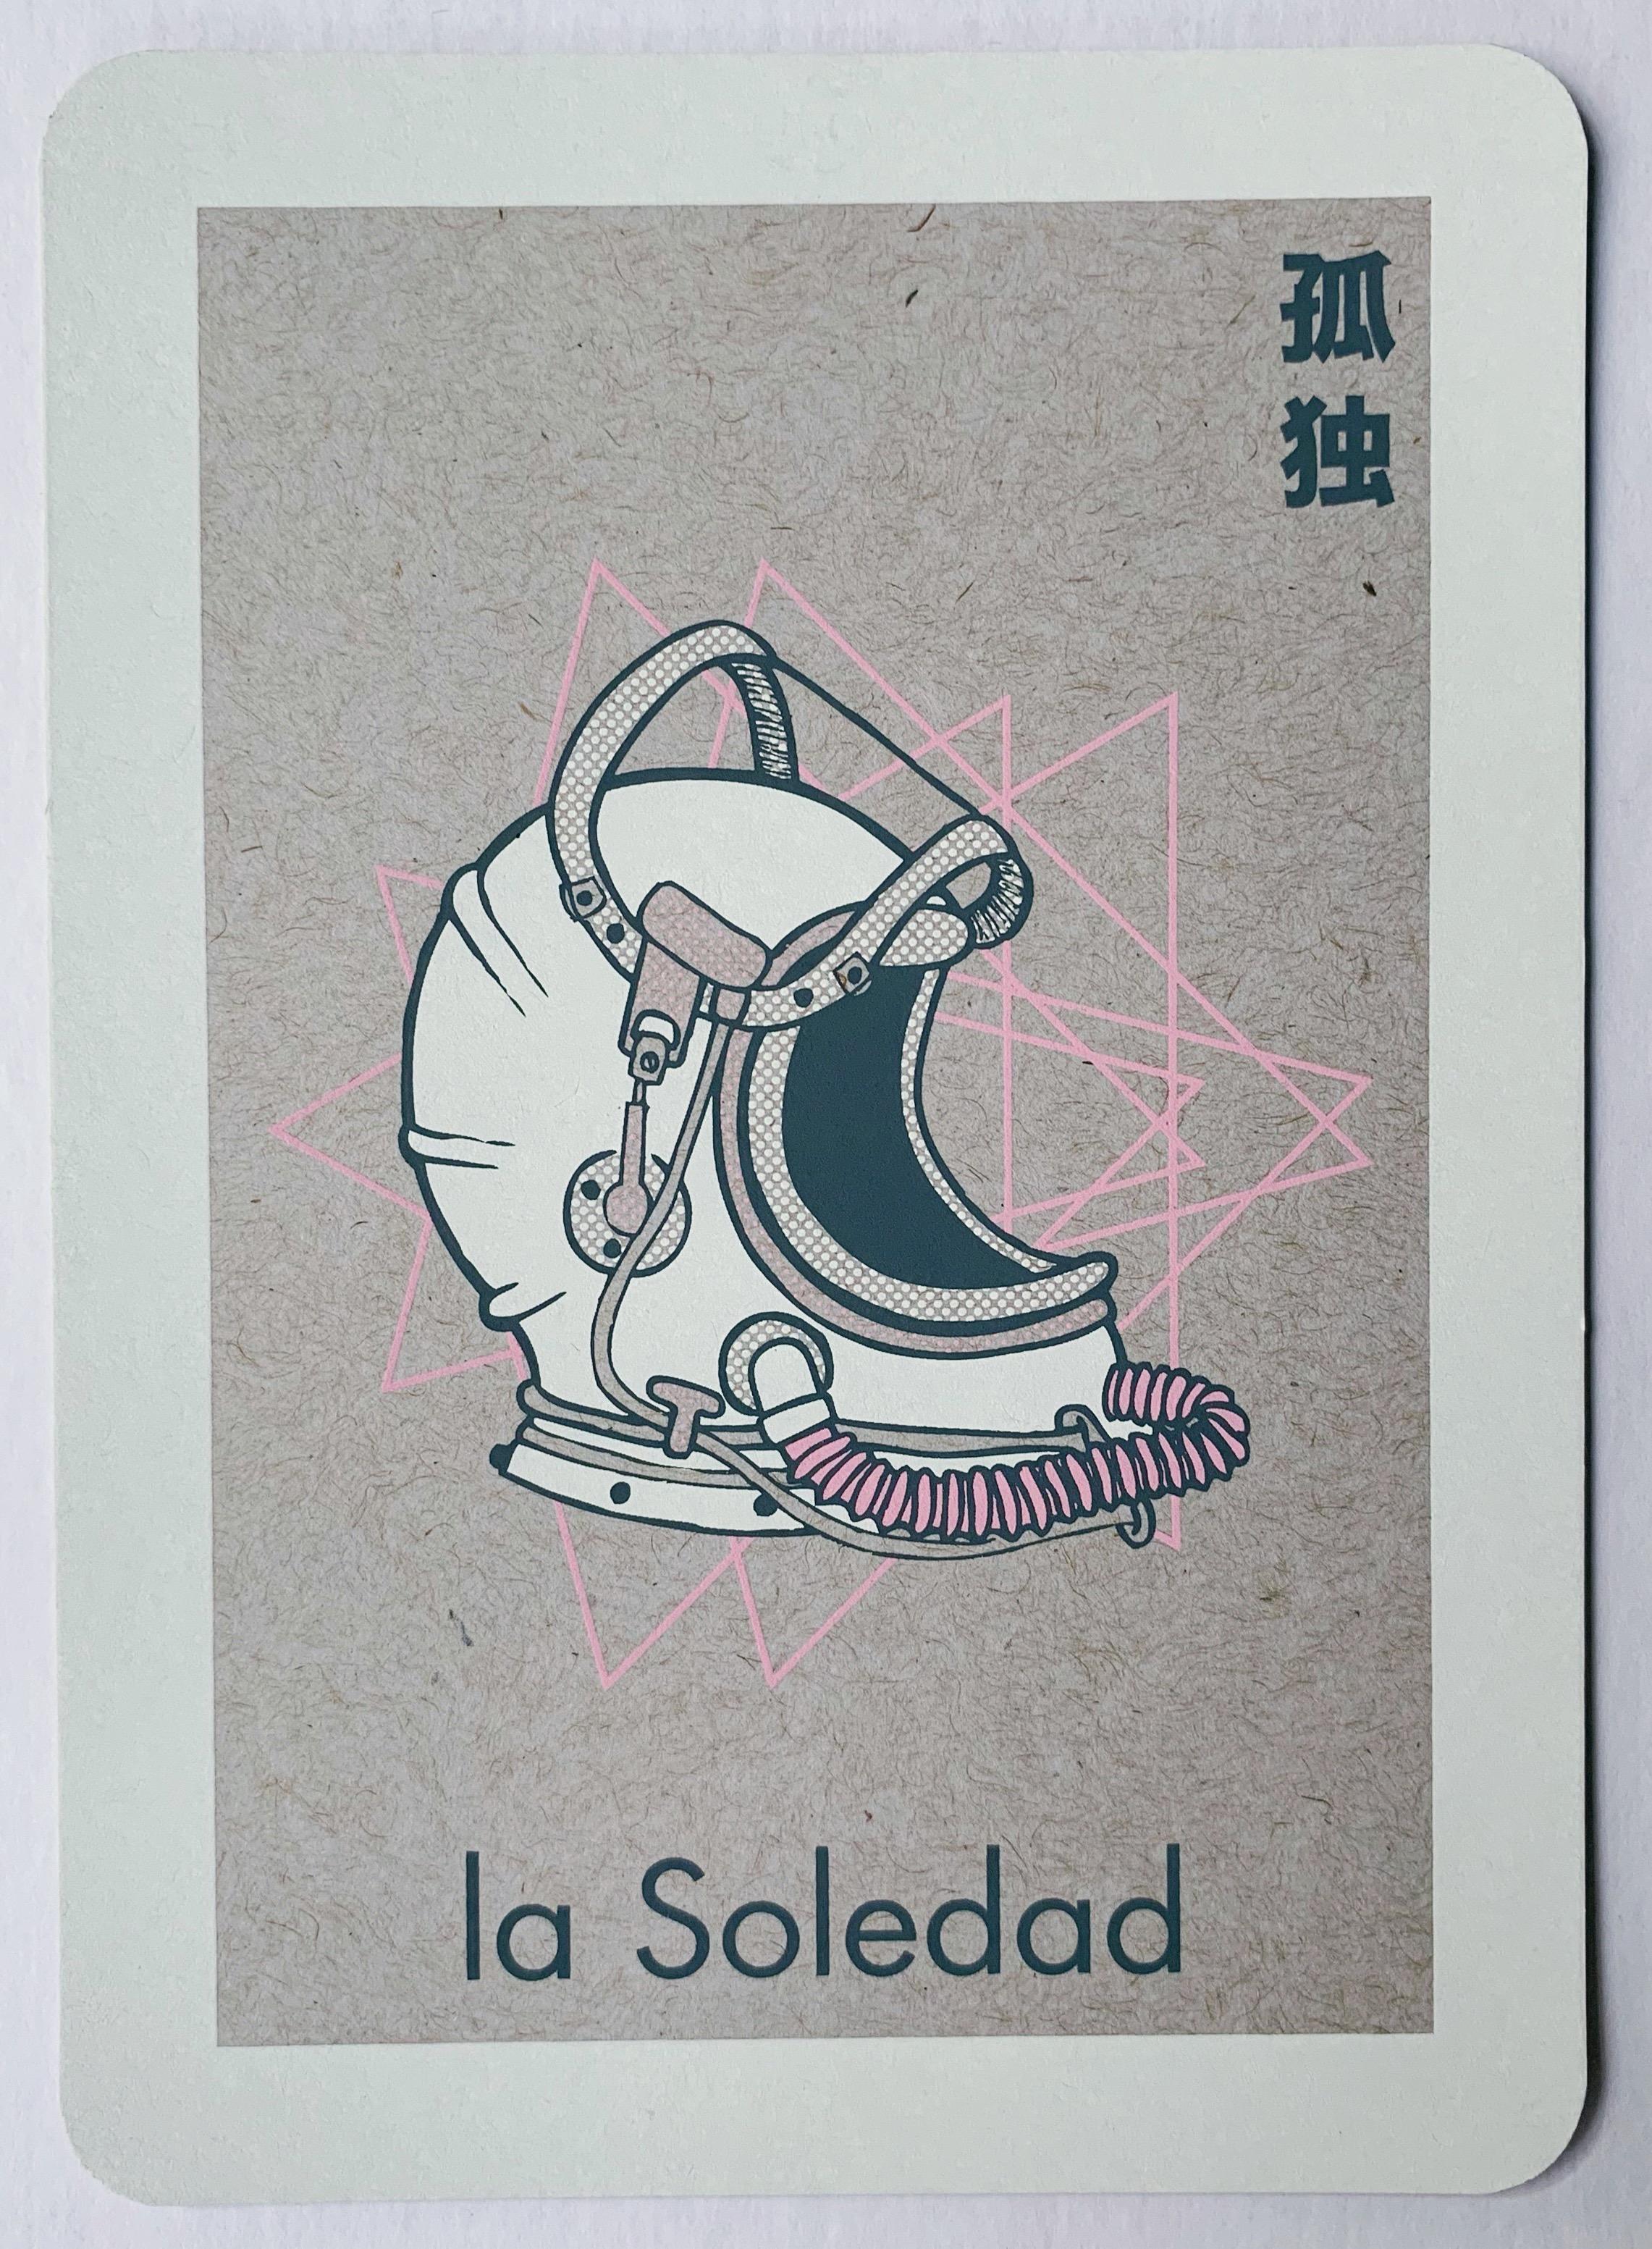 la Soledad, serigraphy, 2017